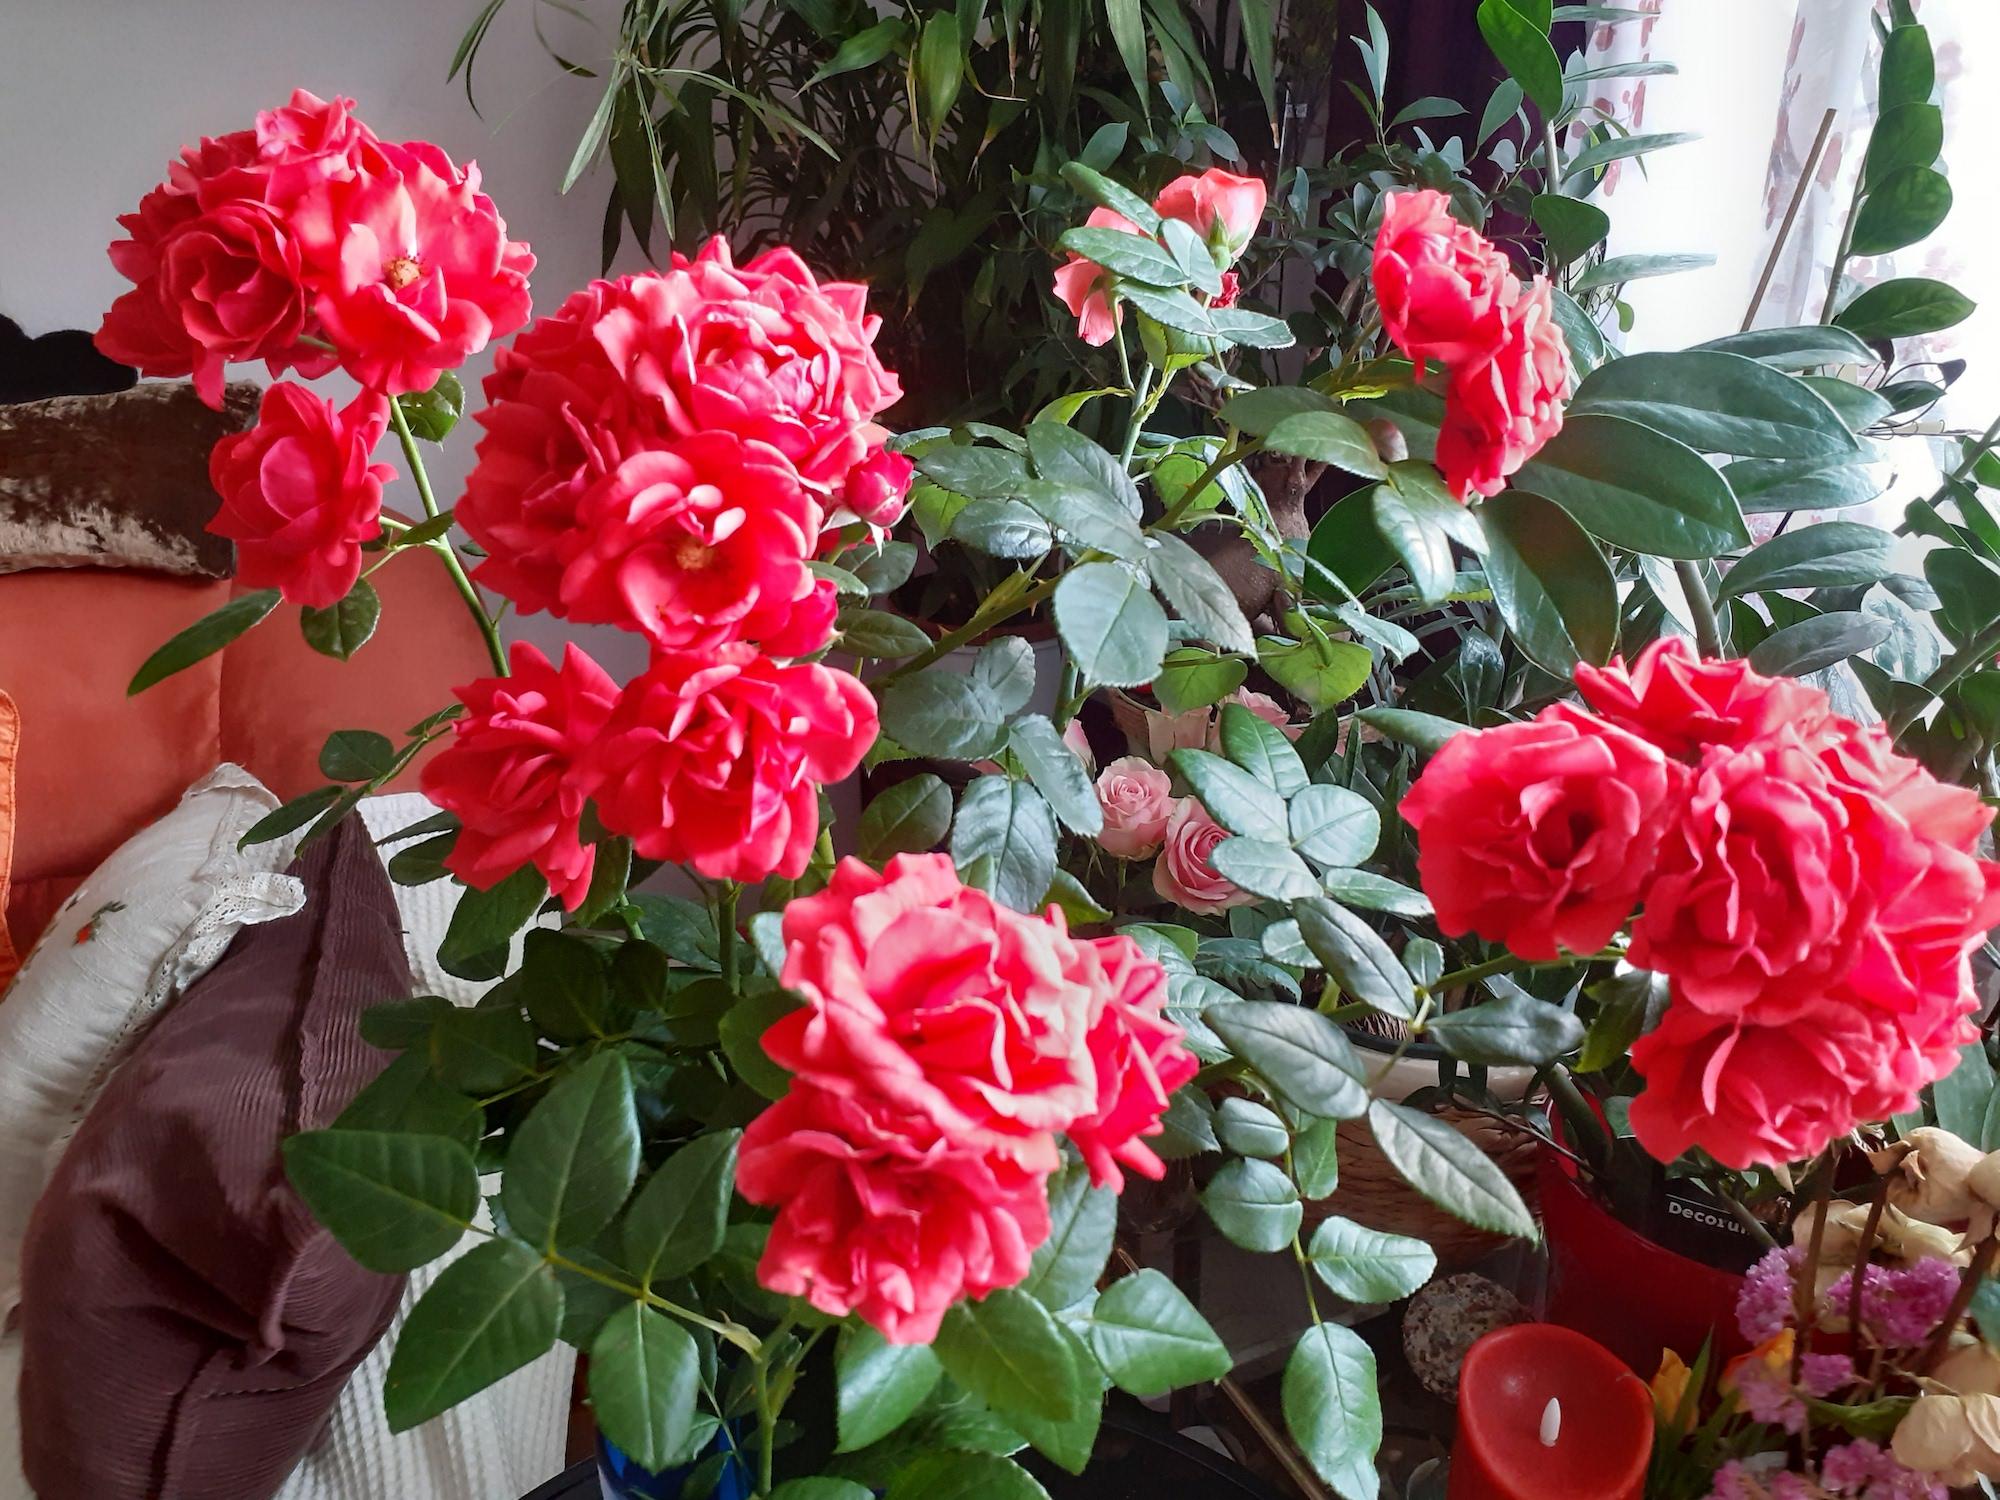 Gerettete Rosenblüten in der Wohnung von Frau Bösz. Bild: Privat.